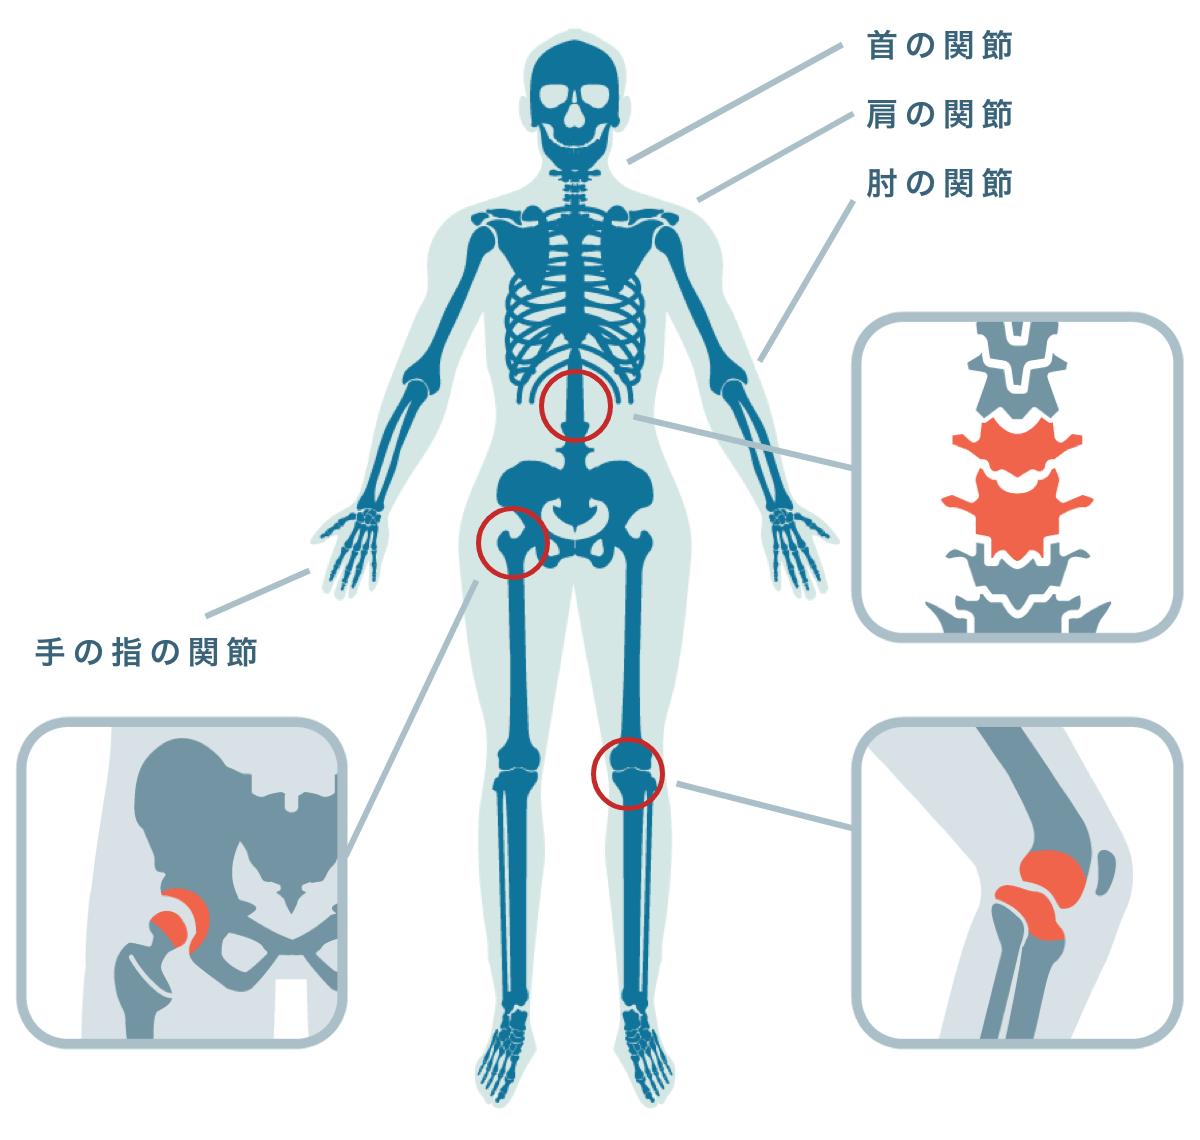 変形性関節症が起こりやすい関節